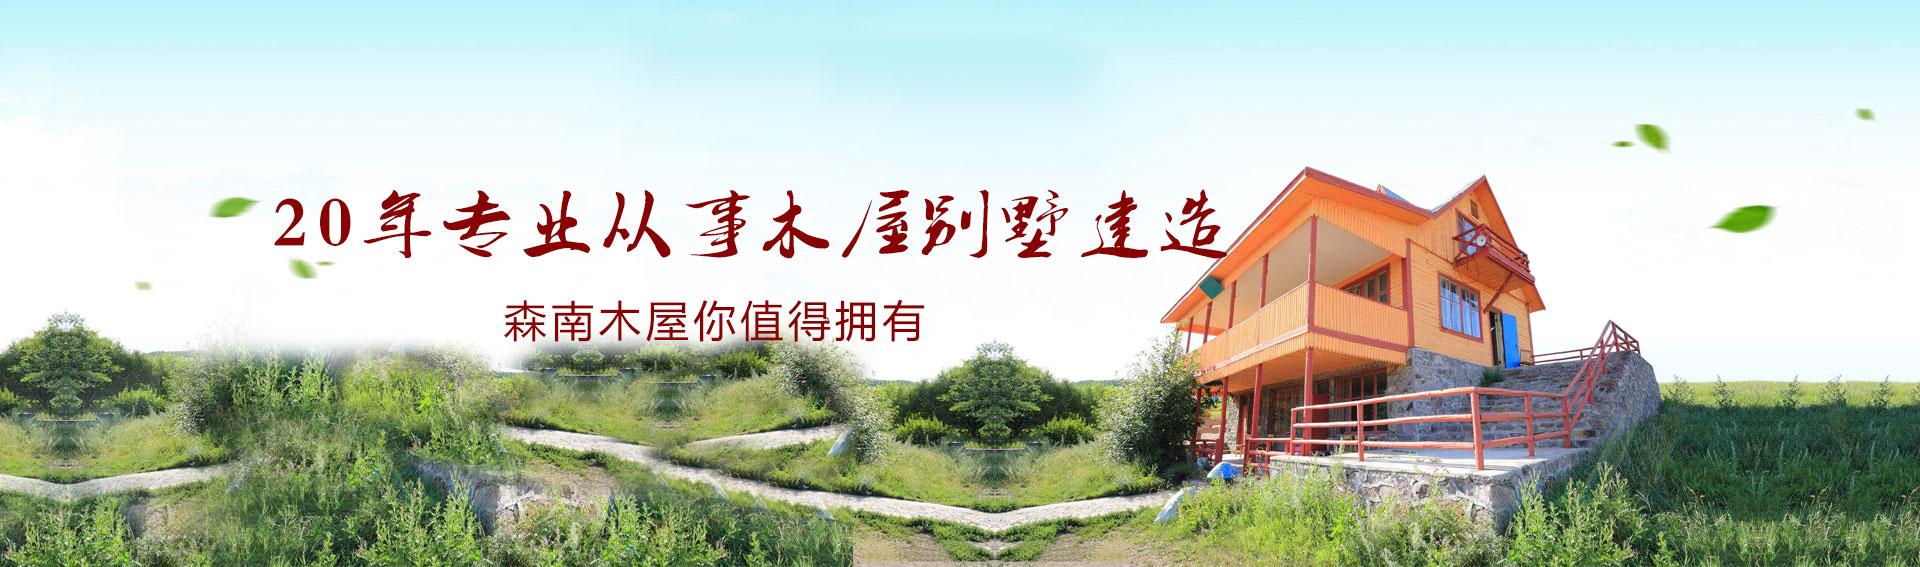 云南景区木屋别墅设计定制厂家